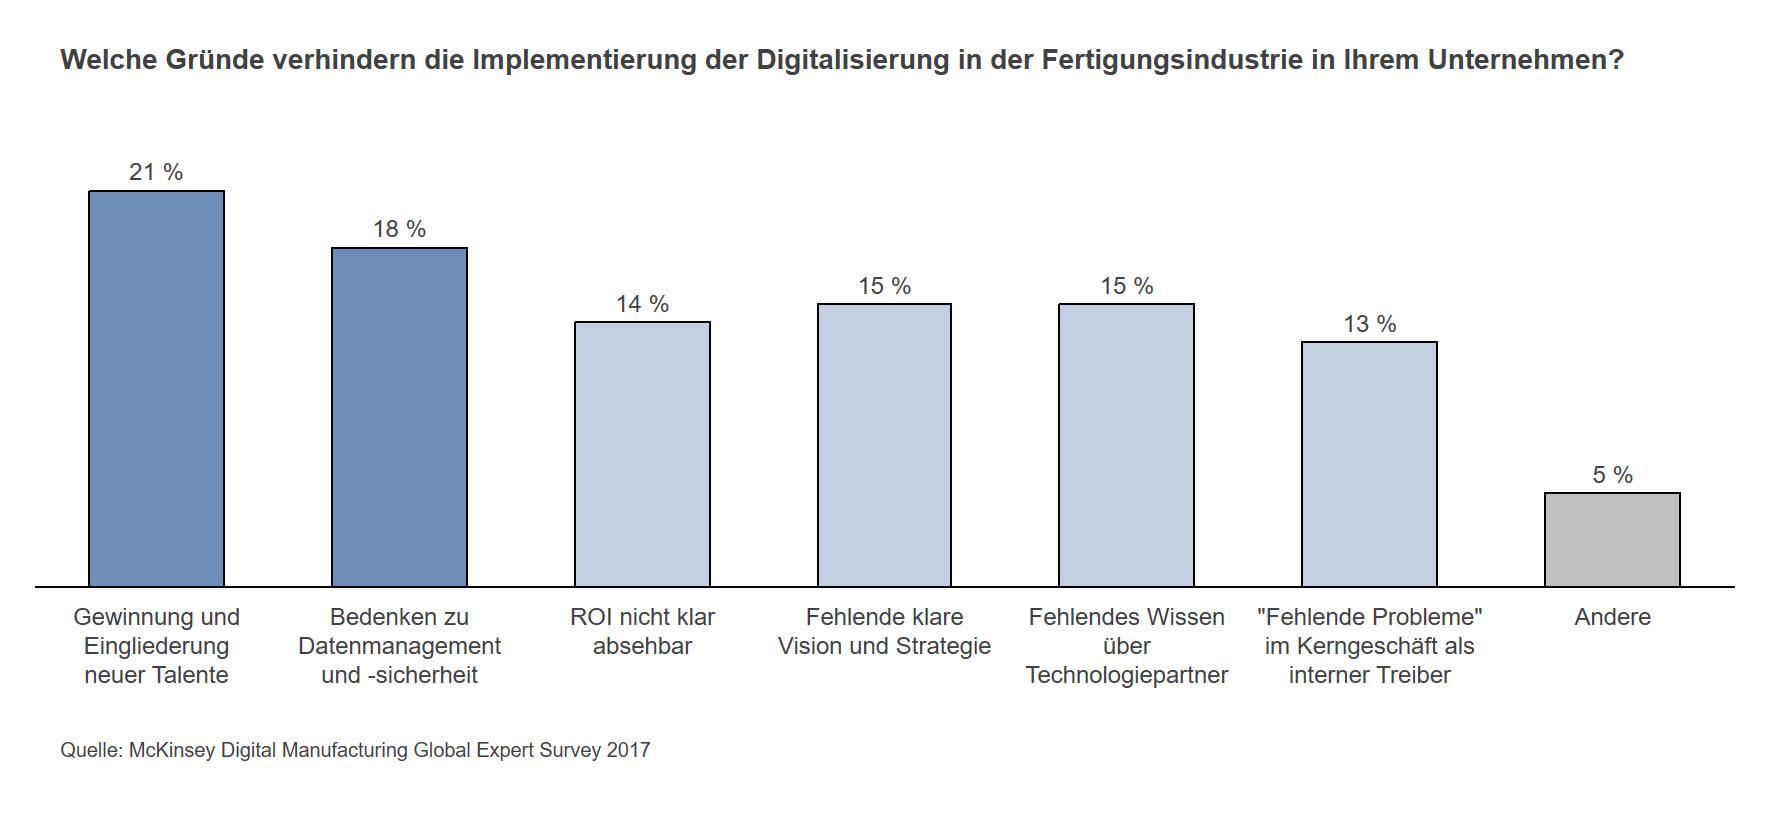 Was hindert Fertigungsunternehmen an der Digitalisierung?